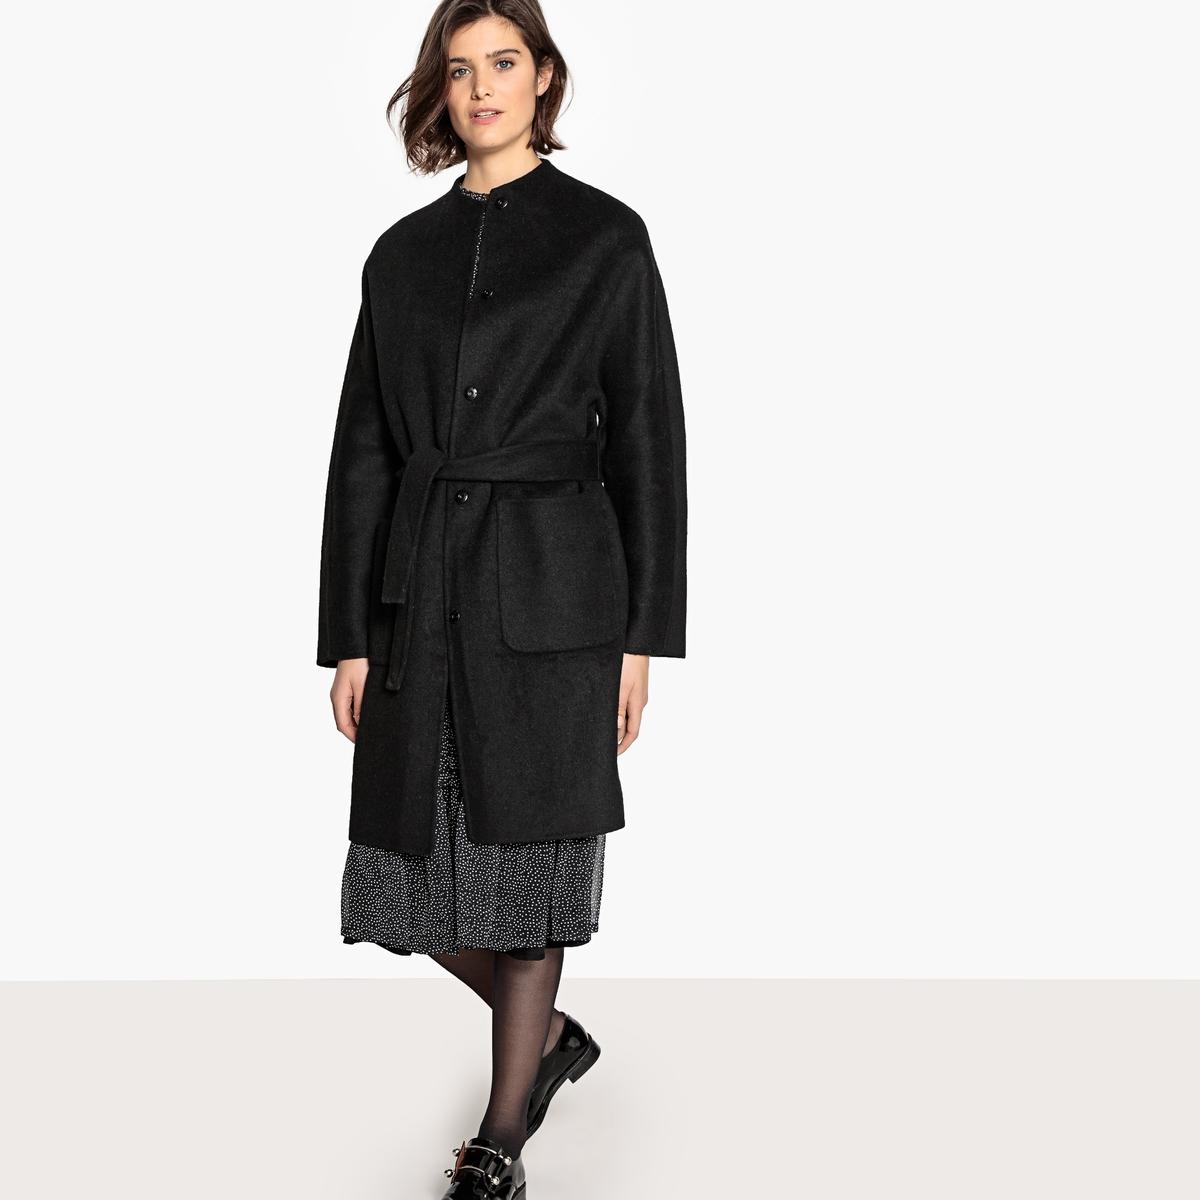 Пальто La Redoute Средней длины без воротника из полушерстяной ткани 34 (FR) - 40 (RUS) черный